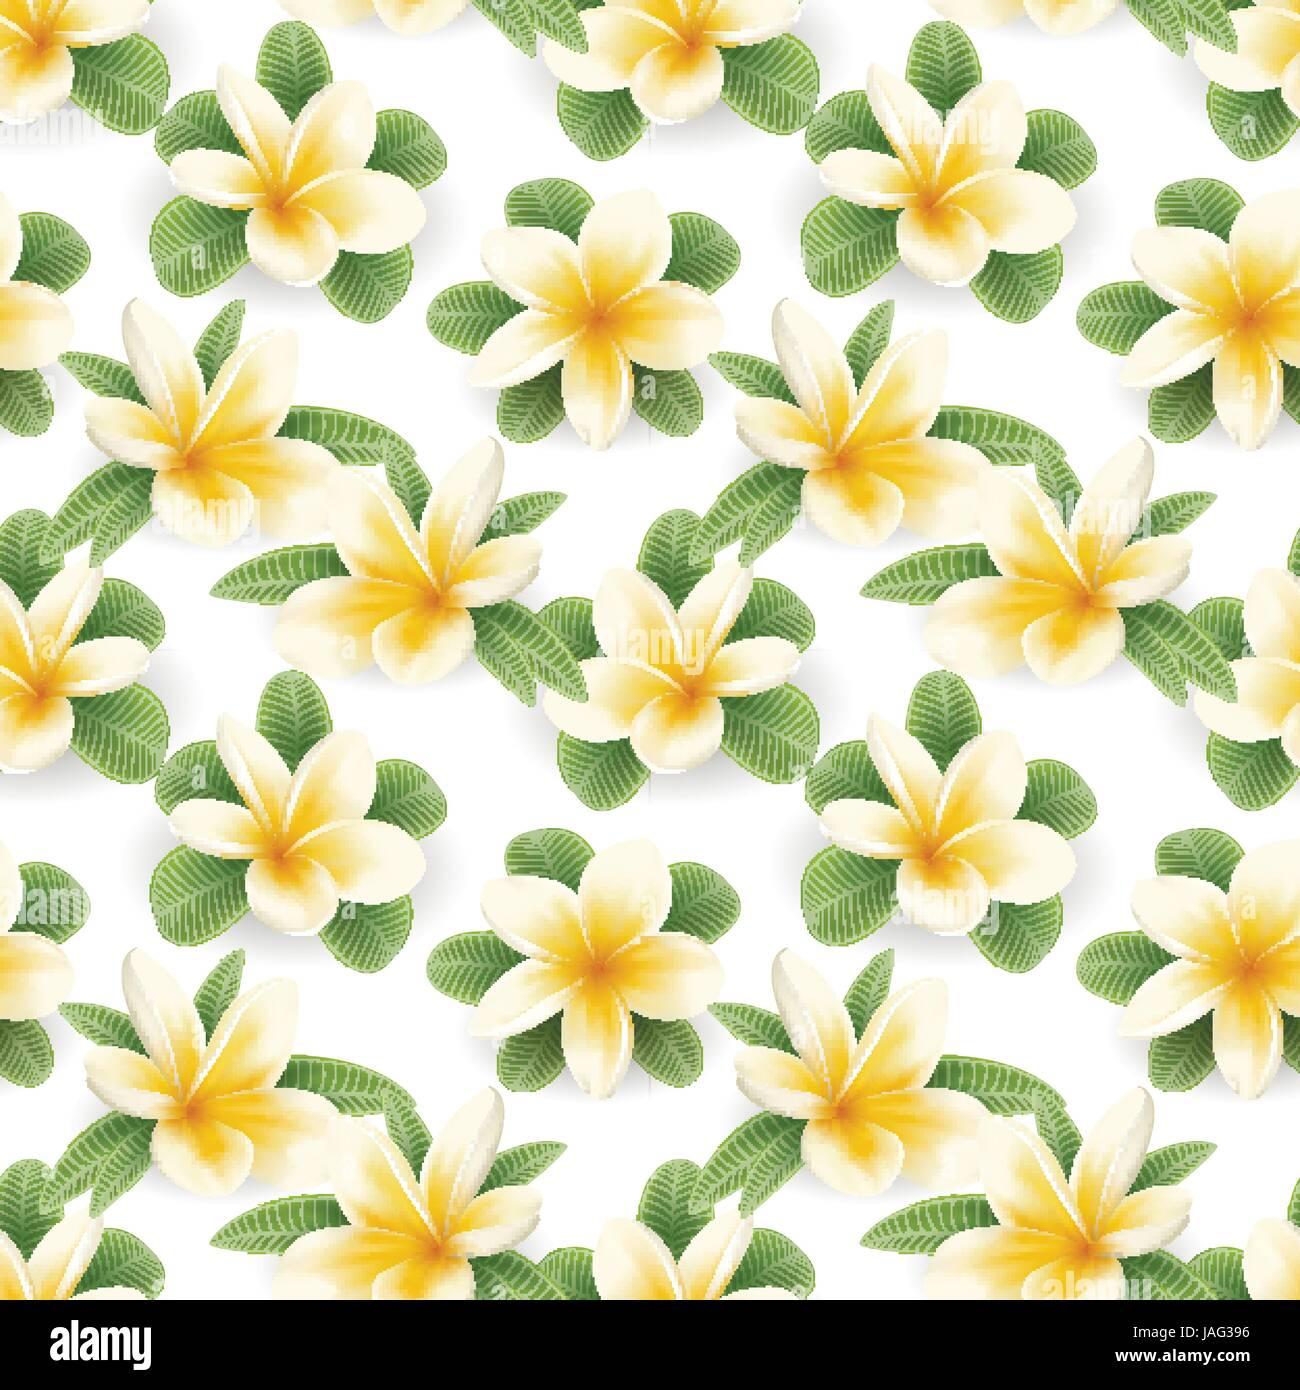 Plumeria seamless pattern - Stock Vector